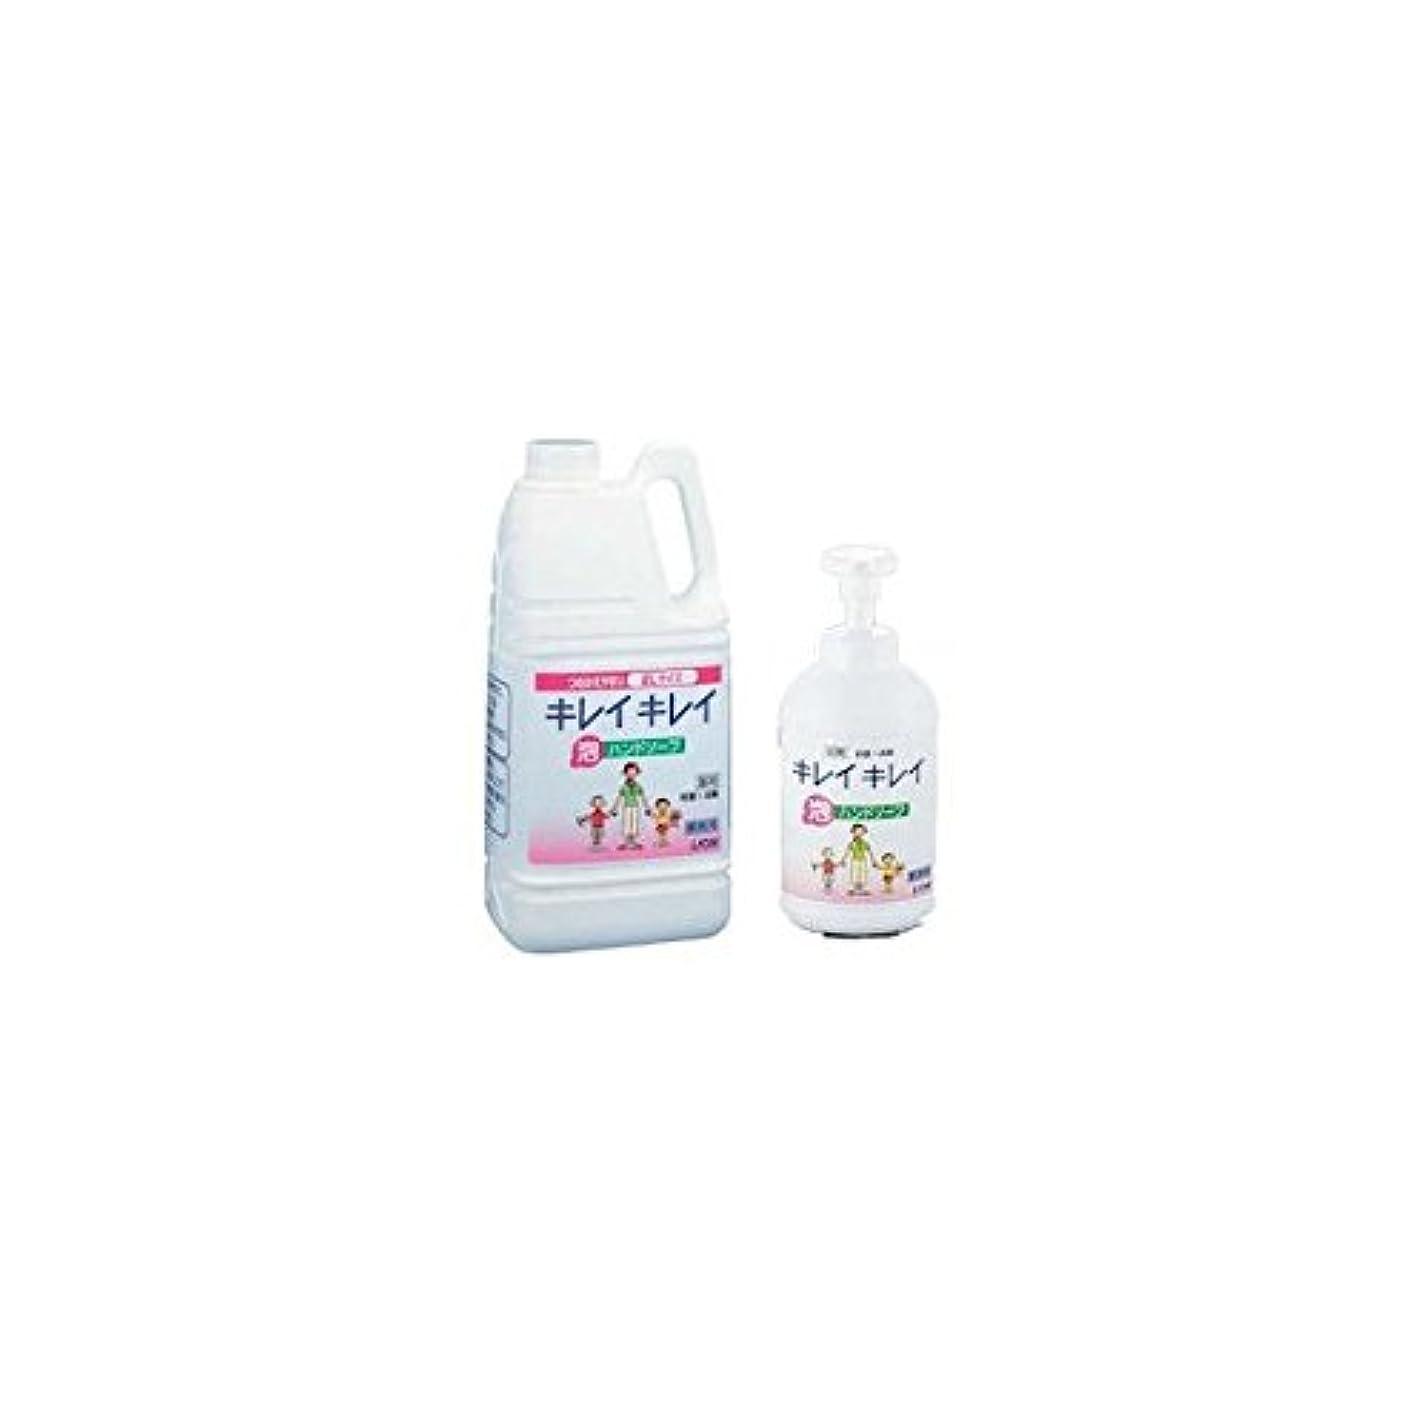 大胆不敵油豊かにするライオン キレイキレイ薬用泡ハンドソープ 2L(700ML専用ポンプ付) 【品番】JHV2503